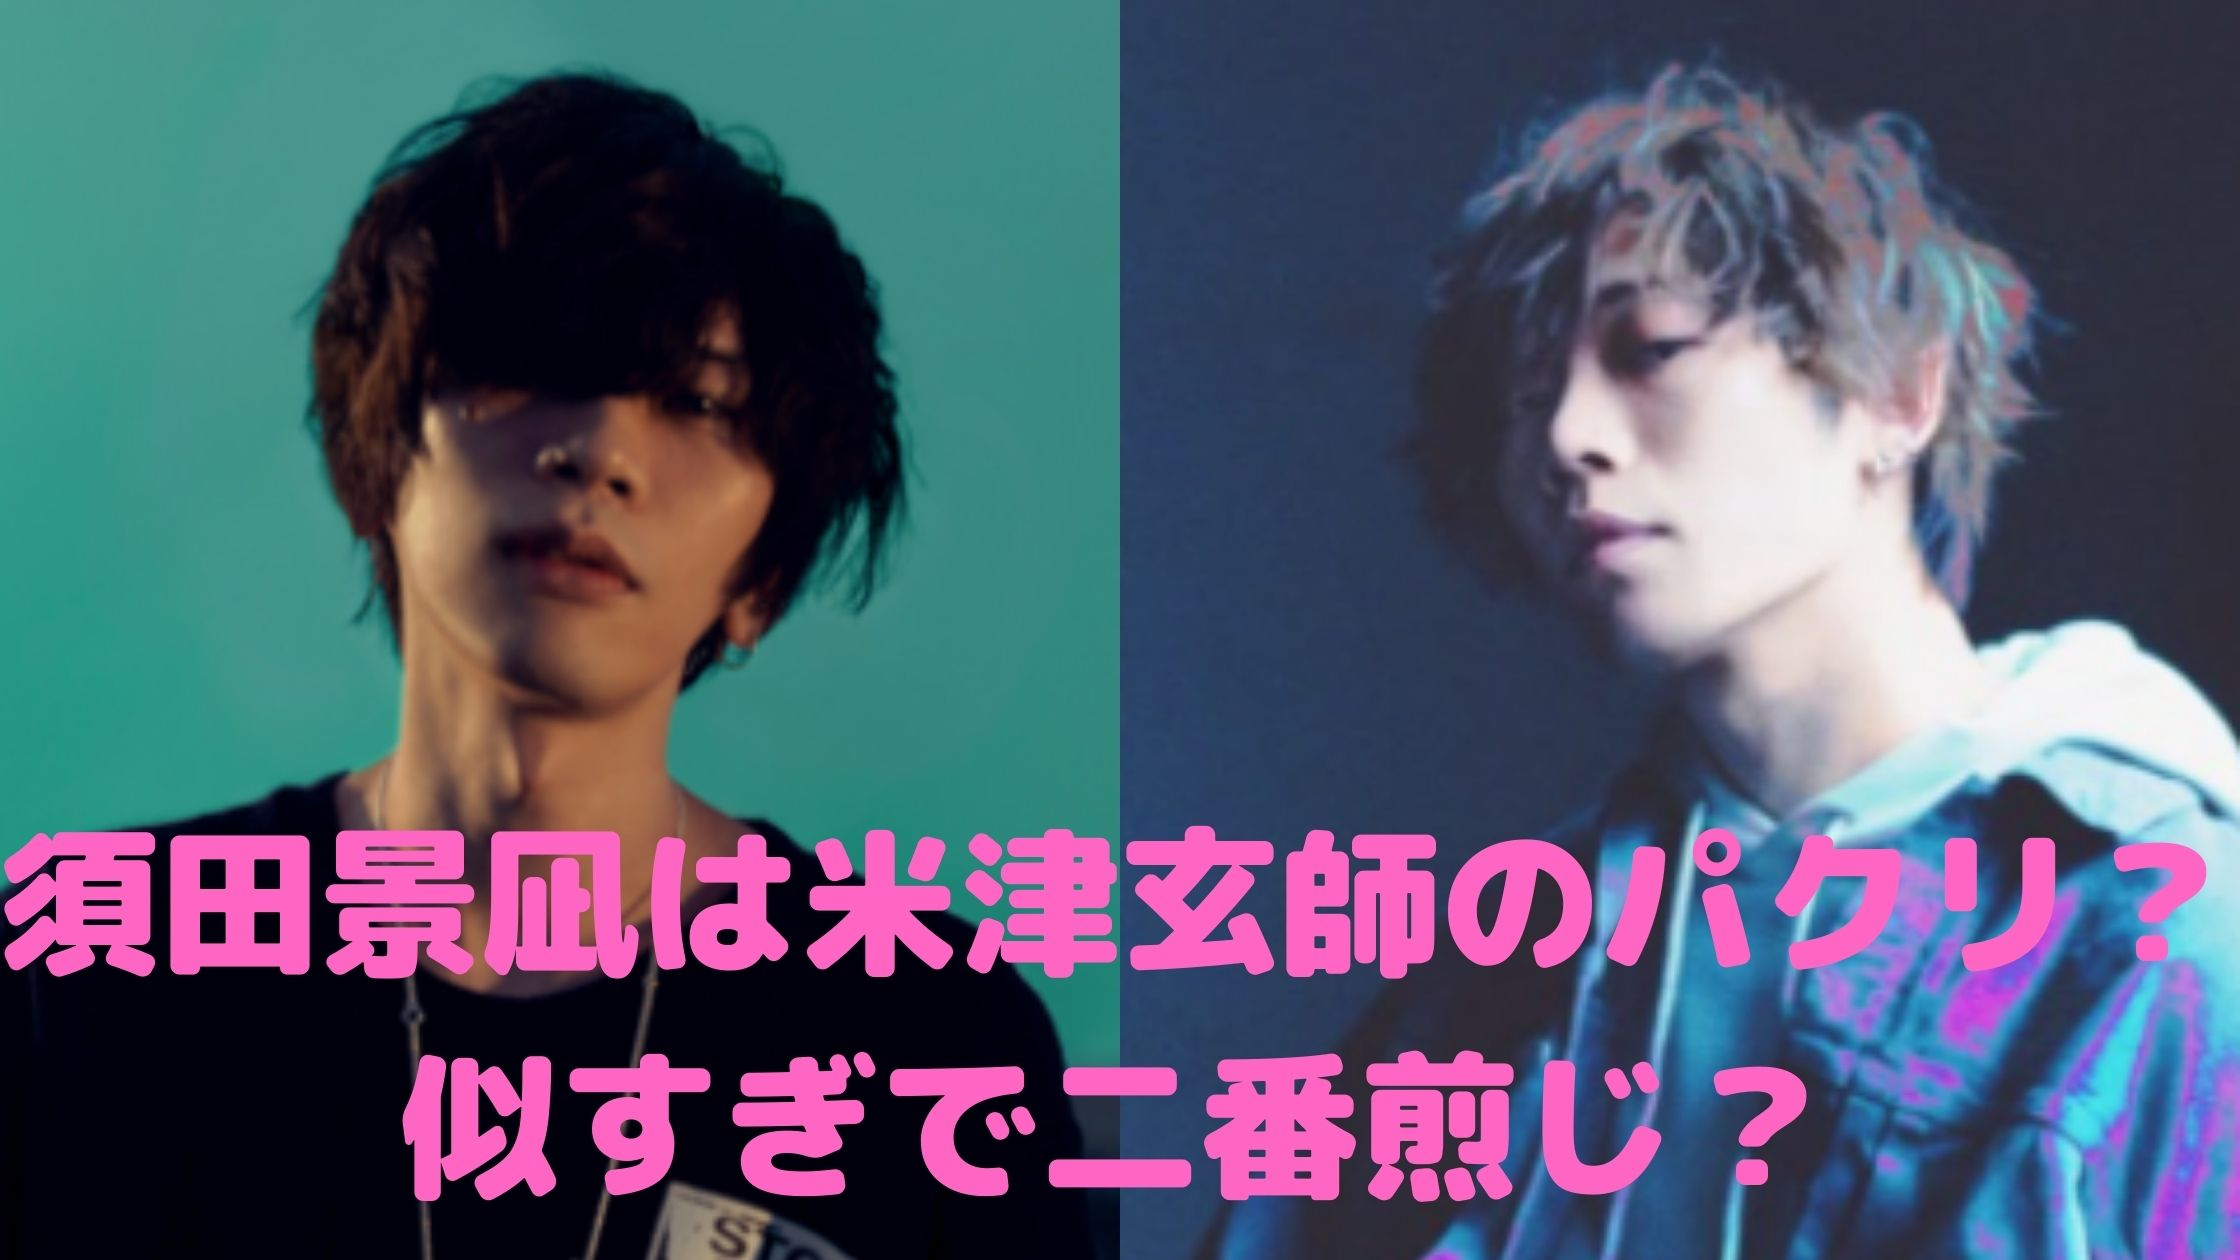 須田景凪 米津玄師 似てる 二番煎じ パクリ 共通点 顔 髪型 曲